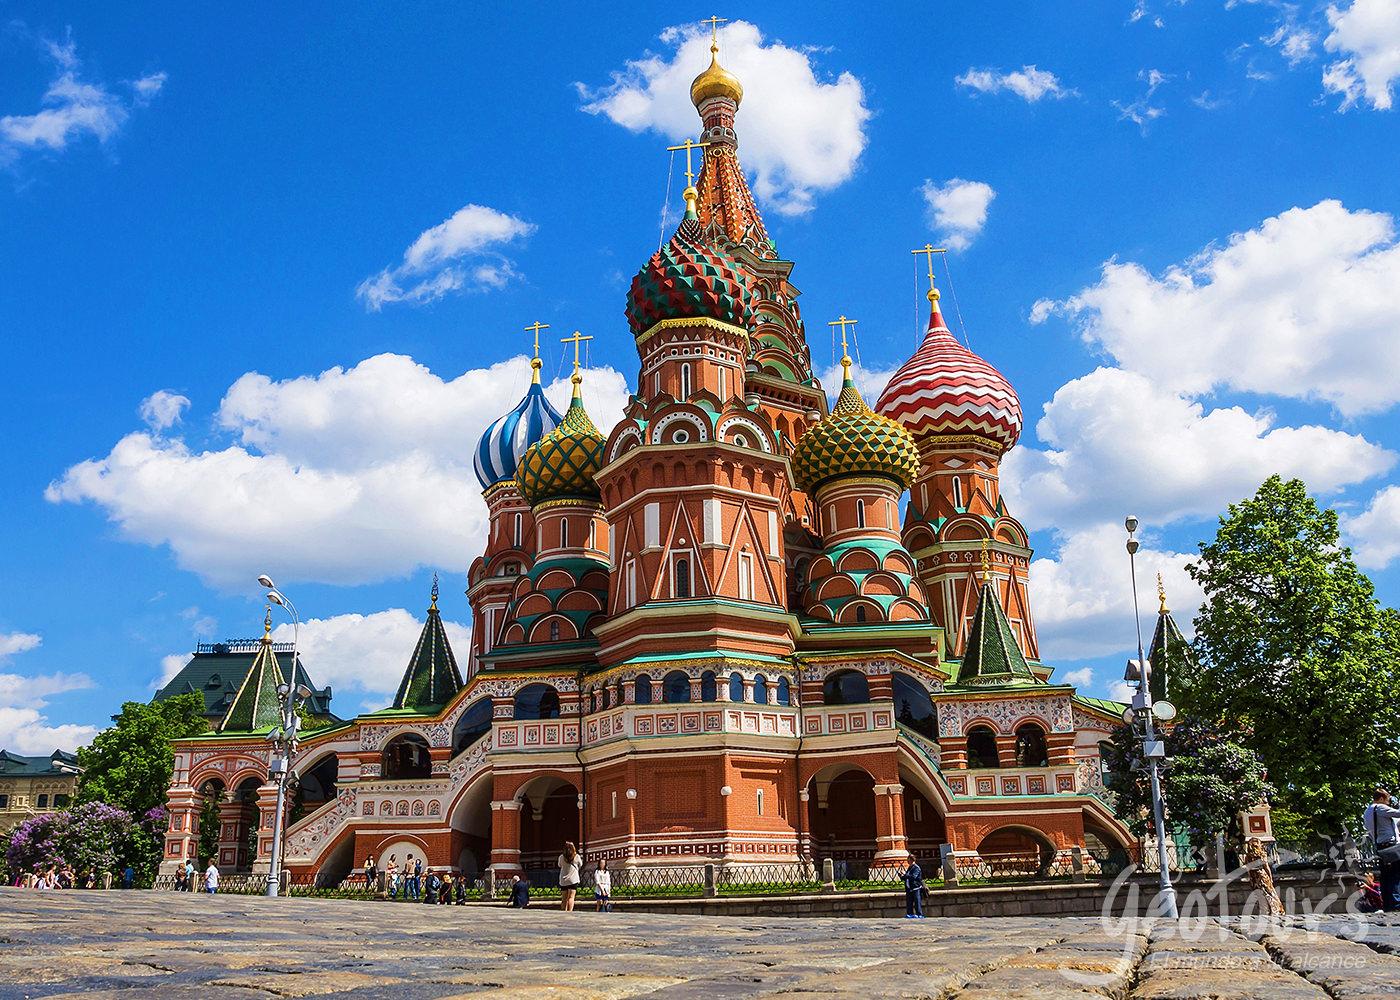 Viajes a Turquía y Rusia 18 días, con Tiquetes en mayo y agosto 2019